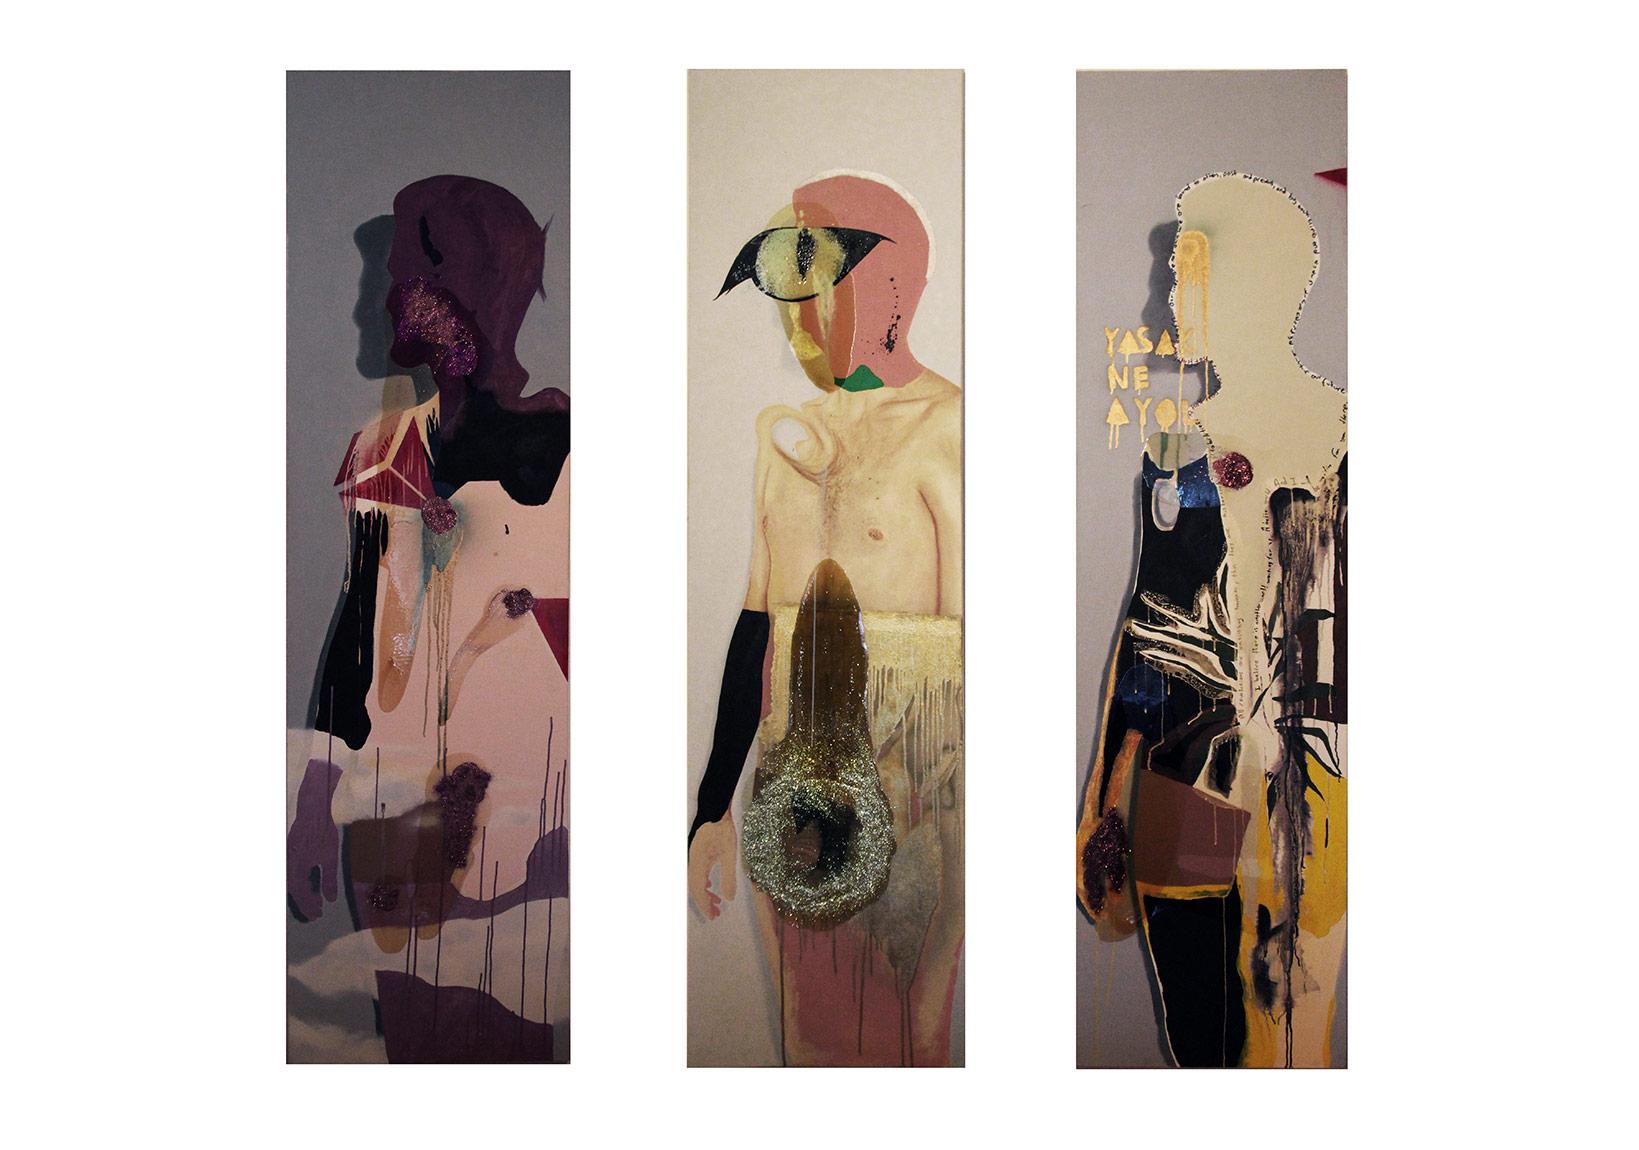 Huo Rf, Part One, 2010 2014, triptik her biri 220 x 60 cm, tuval üzerine yağlıboya, sprey boya, sim, yat verniği, asetatlı kalem